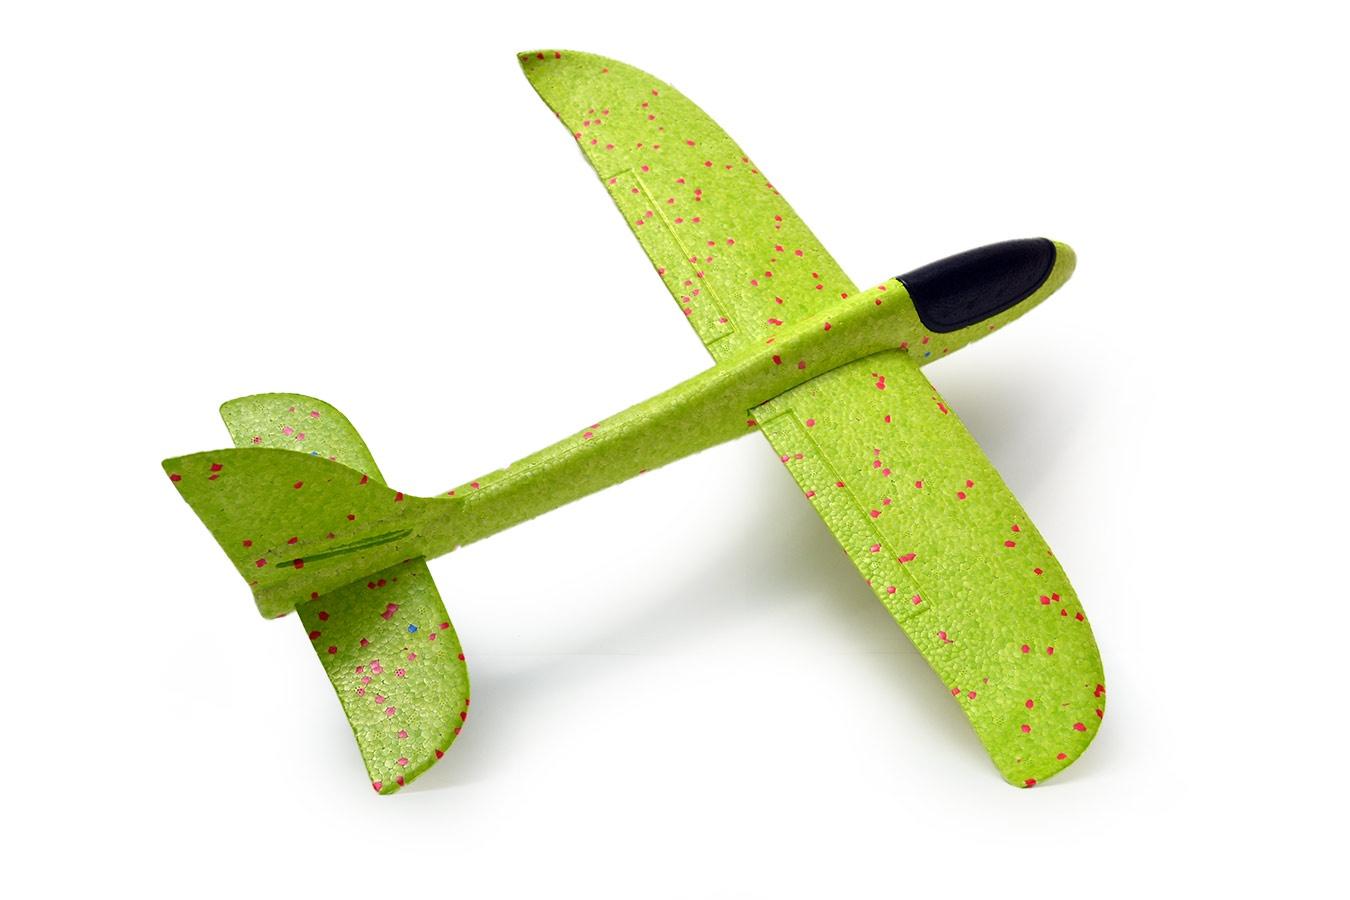 Самолет Toys Планер 48 см зеленый